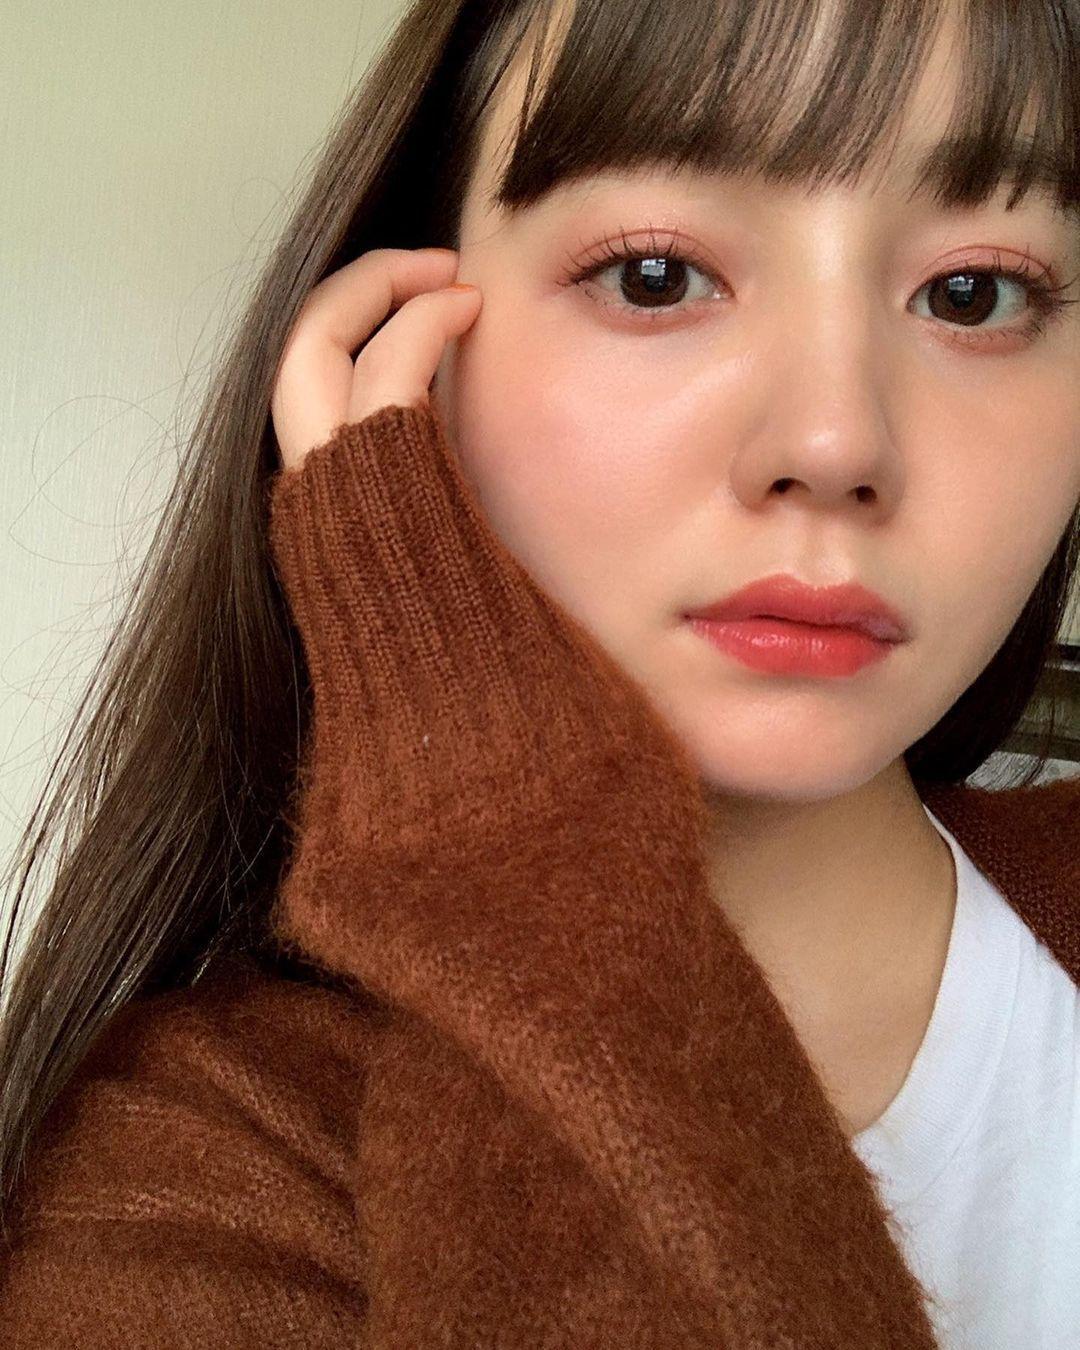 崛北真希妹妹NANAMI新生代清纯女 网络美女 第10张